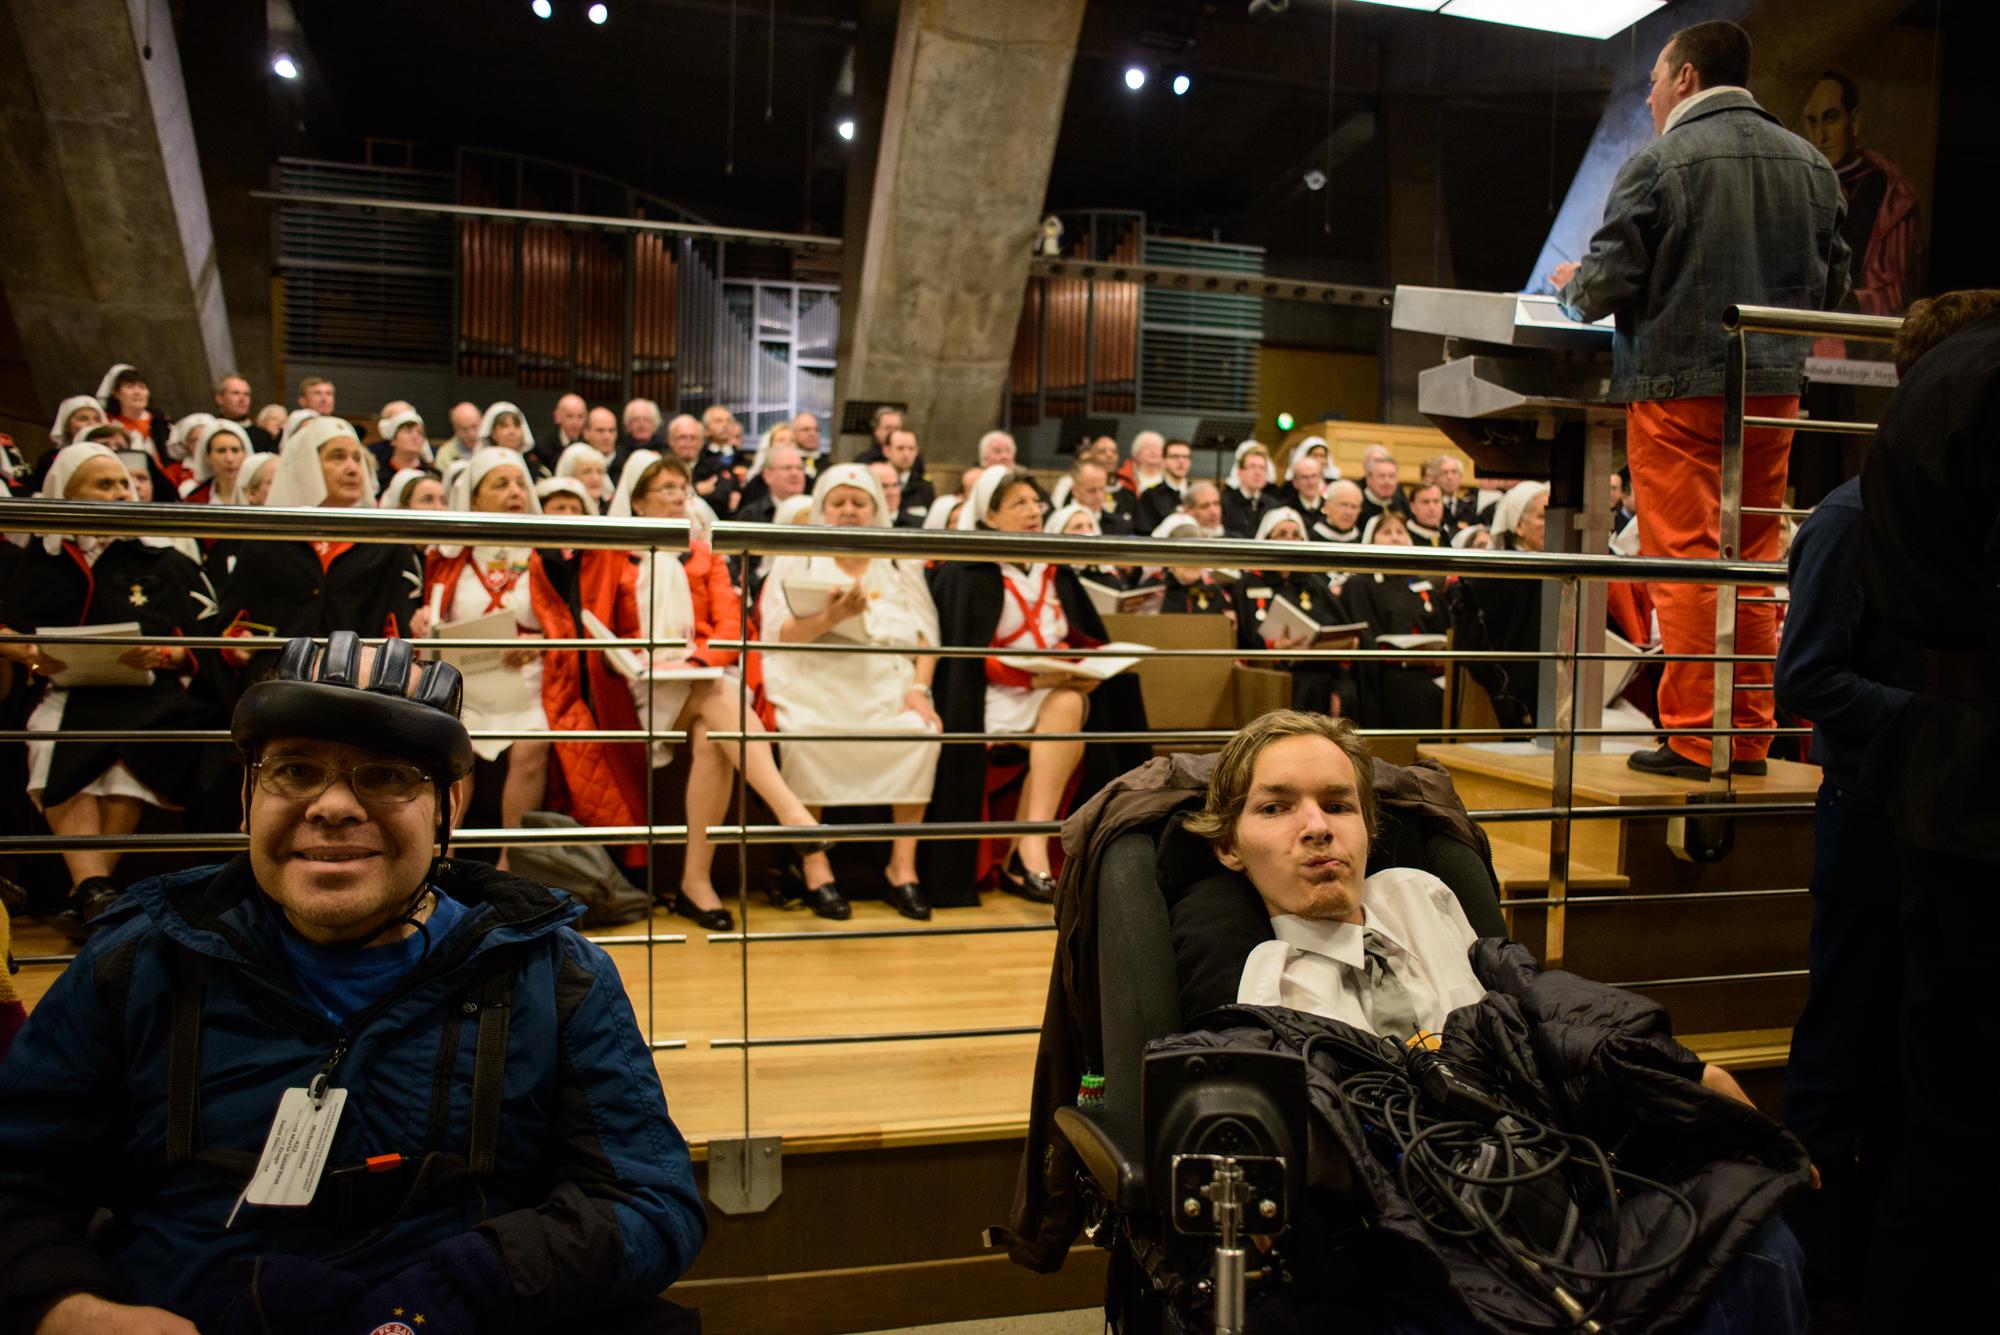 Kamil Cierniak czeka na mszę z innymi chorymi (fot. Piotr Idem)